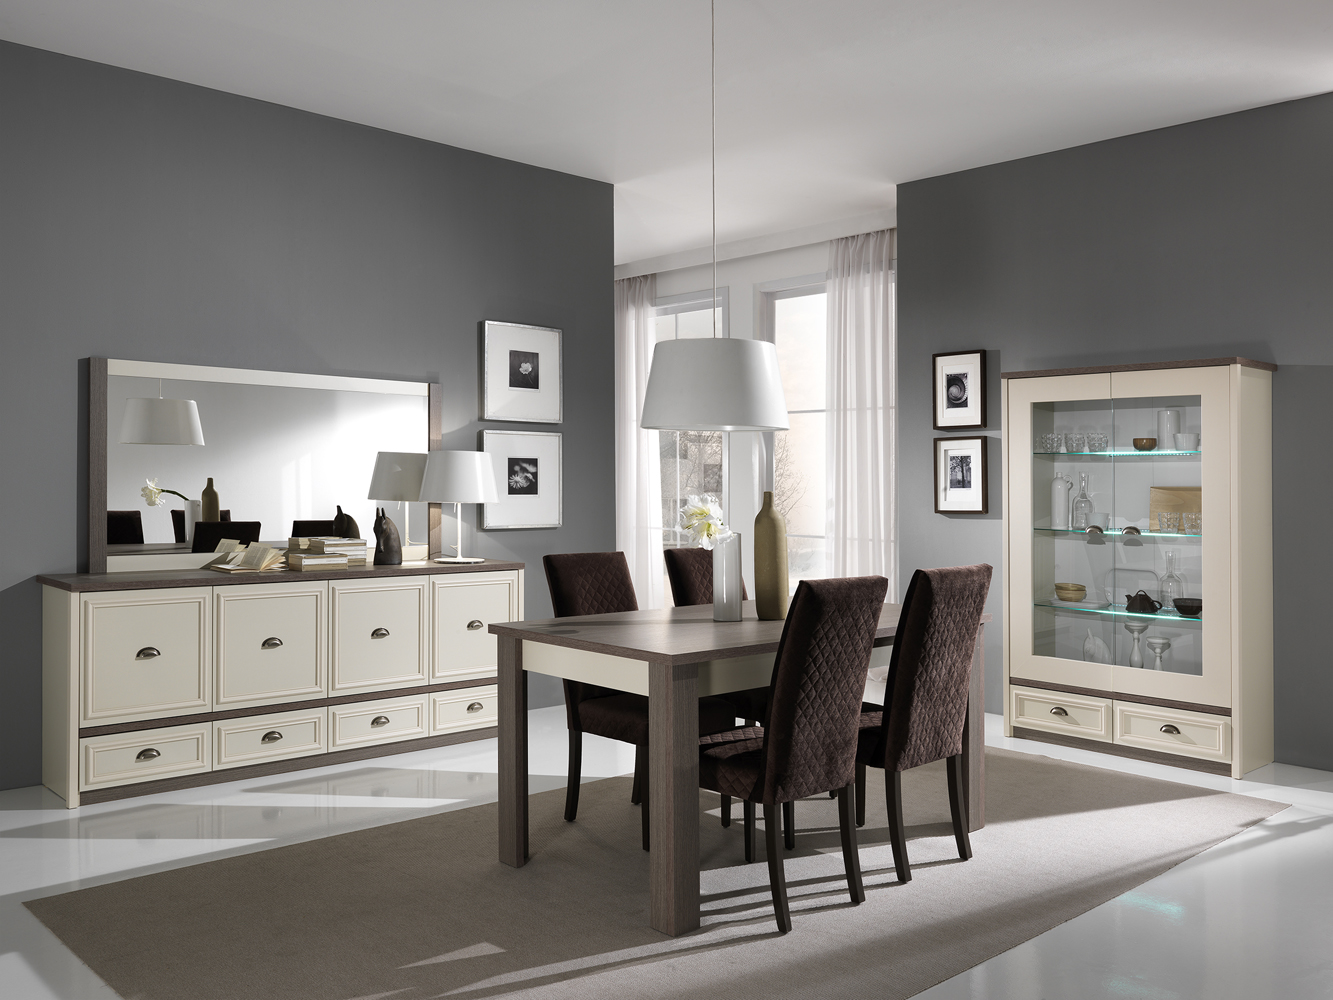 salle manger country nkl meuble wassa et deco. Black Bedroom Furniture Sets. Home Design Ideas